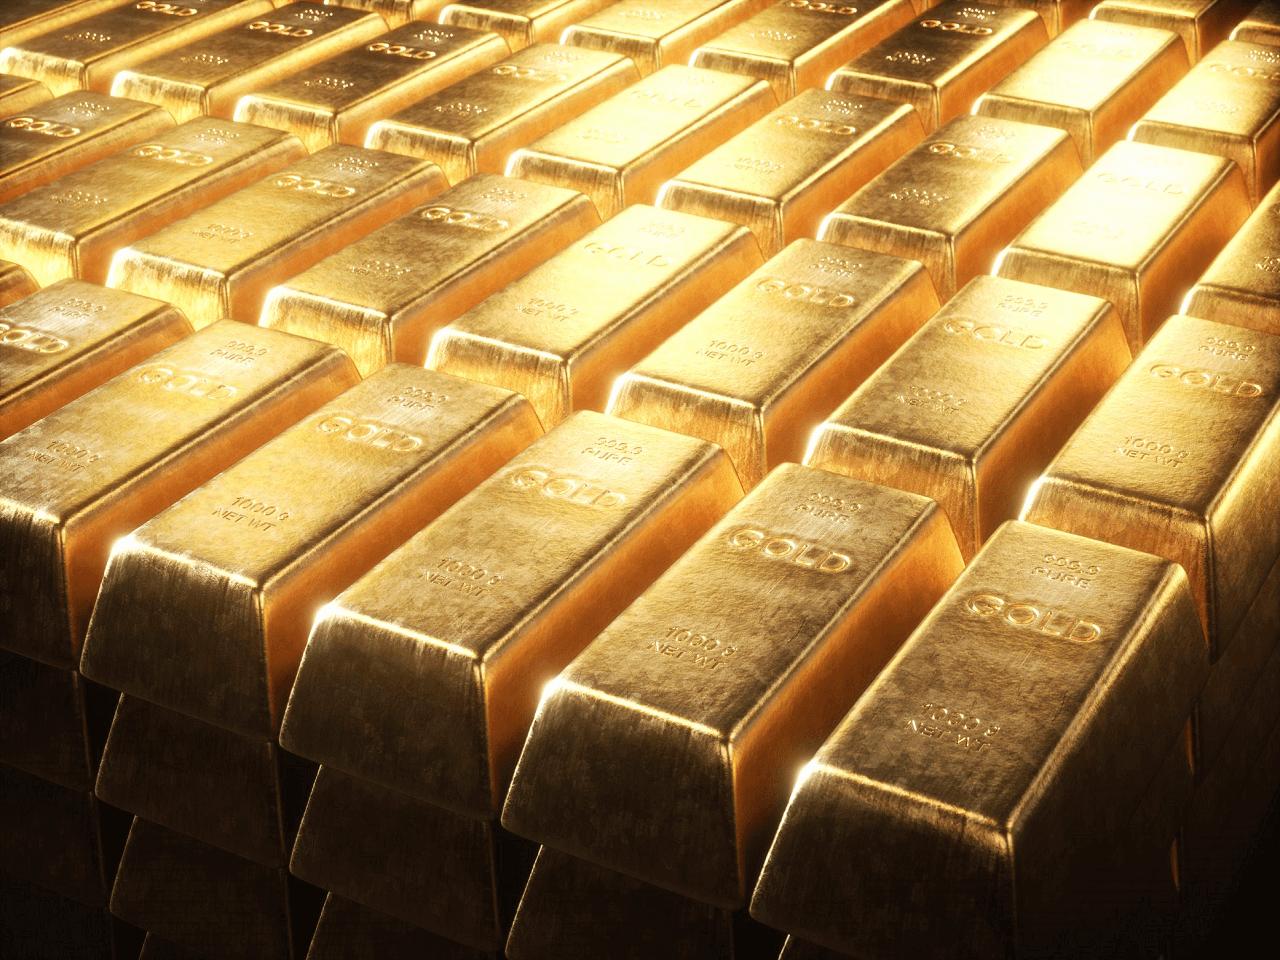 Altın İthalatında Tüm Zamanların Rekoru Kırıldı